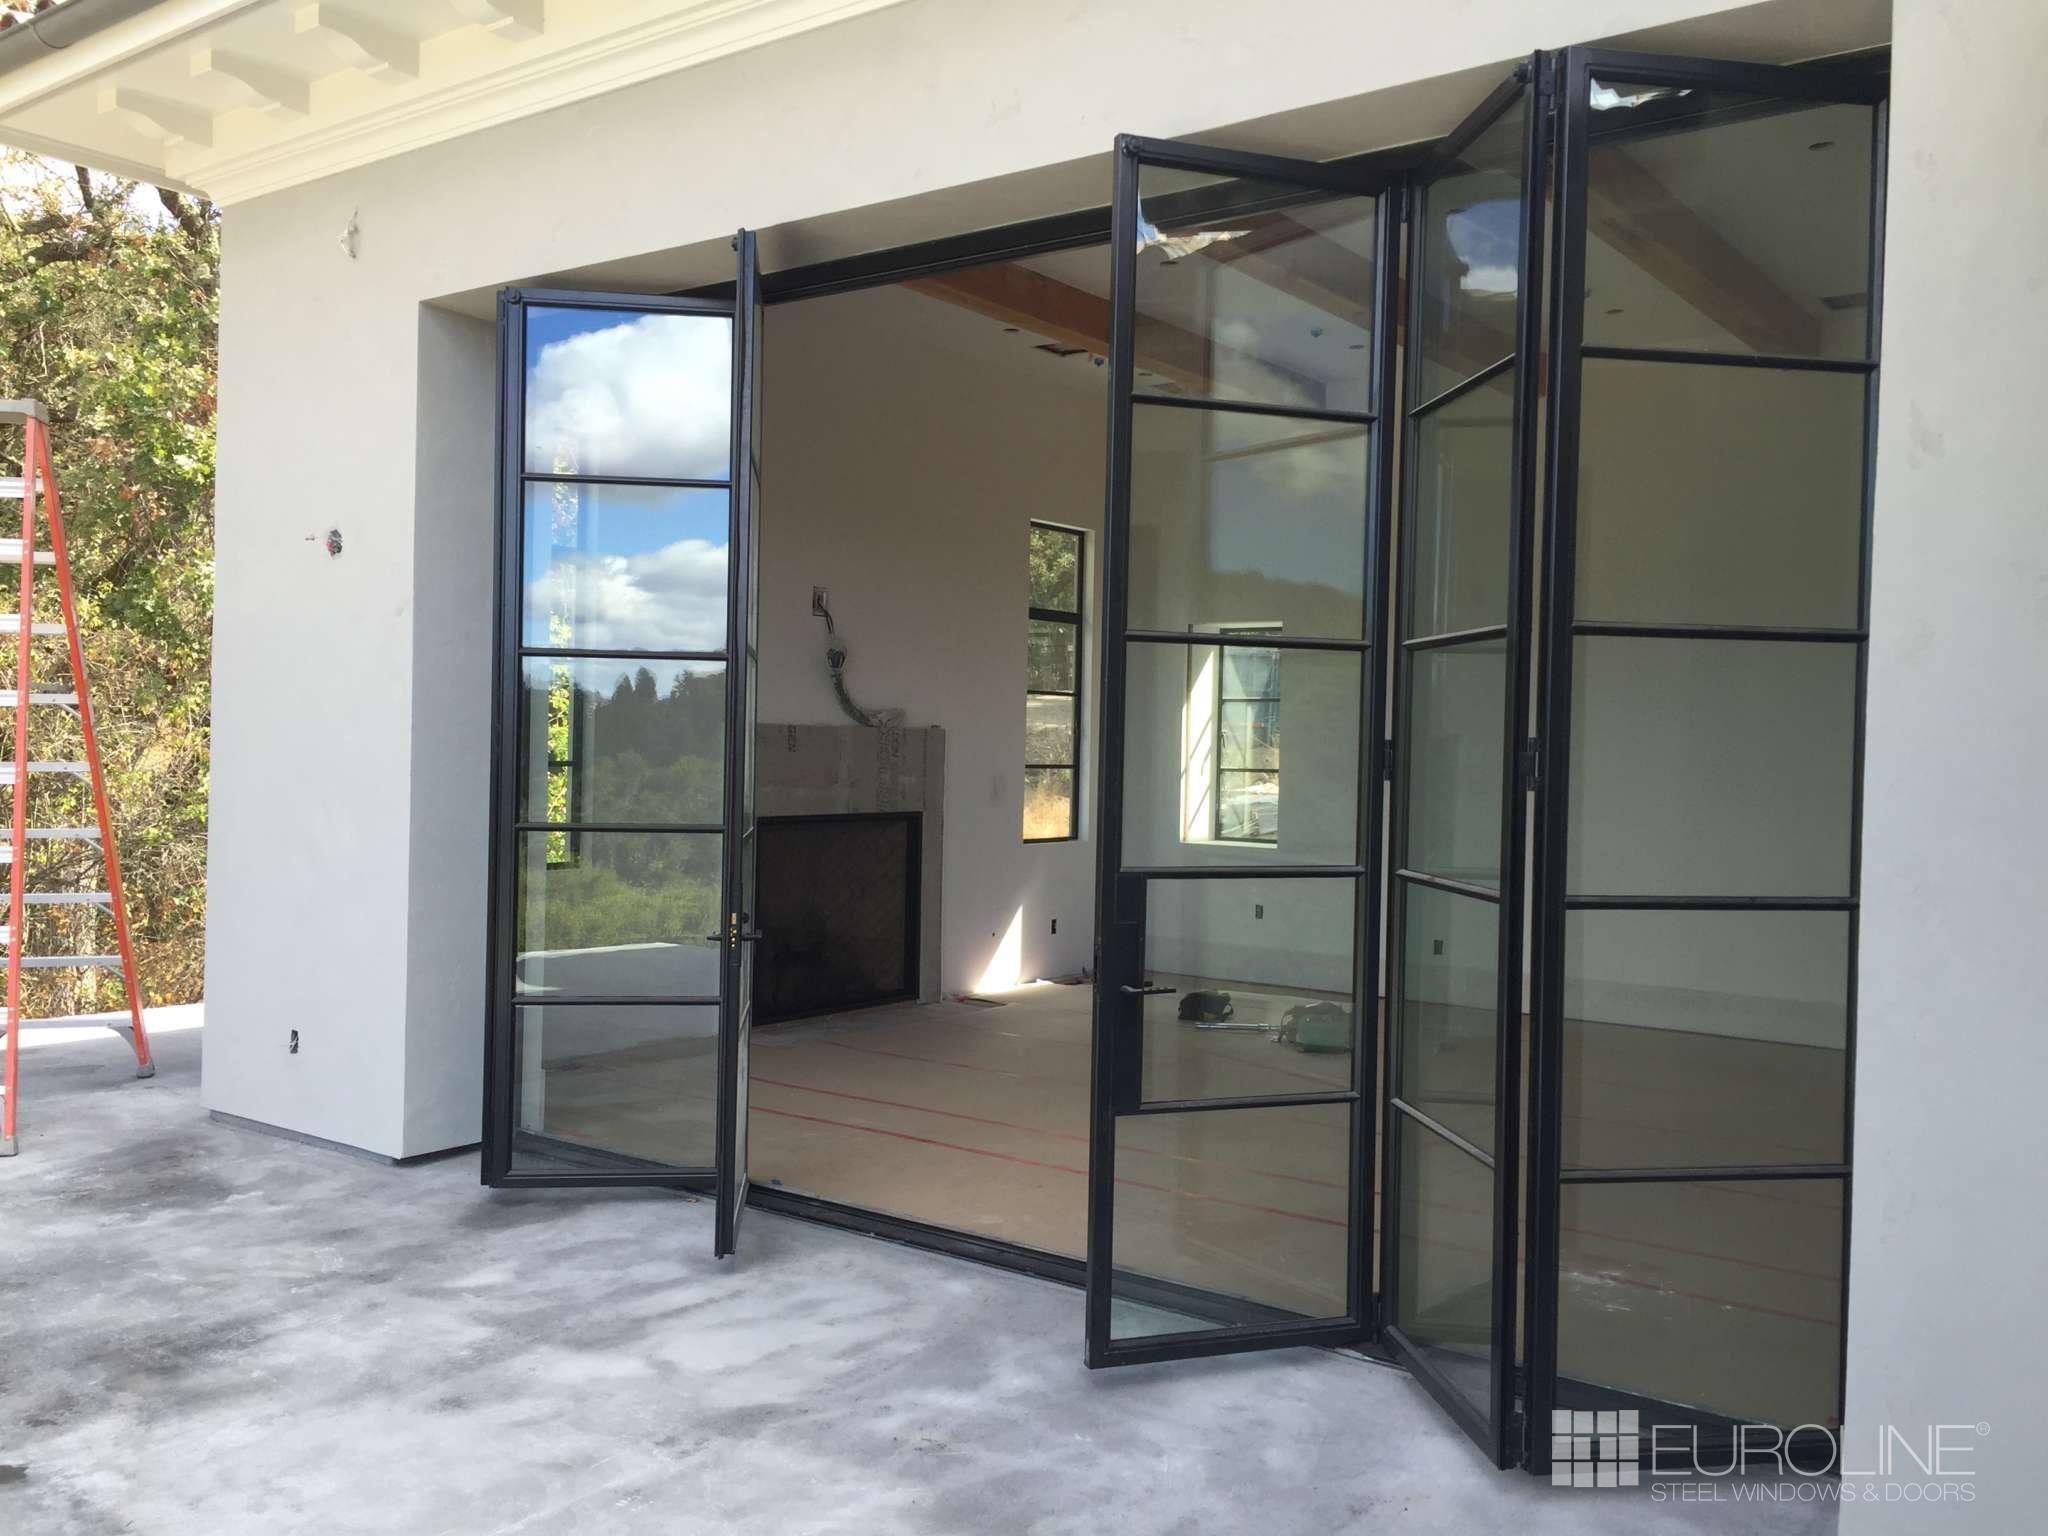 Bi Fold Doors Euroline Steel Windows Steel Doors Exterior Bifold Exterior Doors Steel Frame Doors